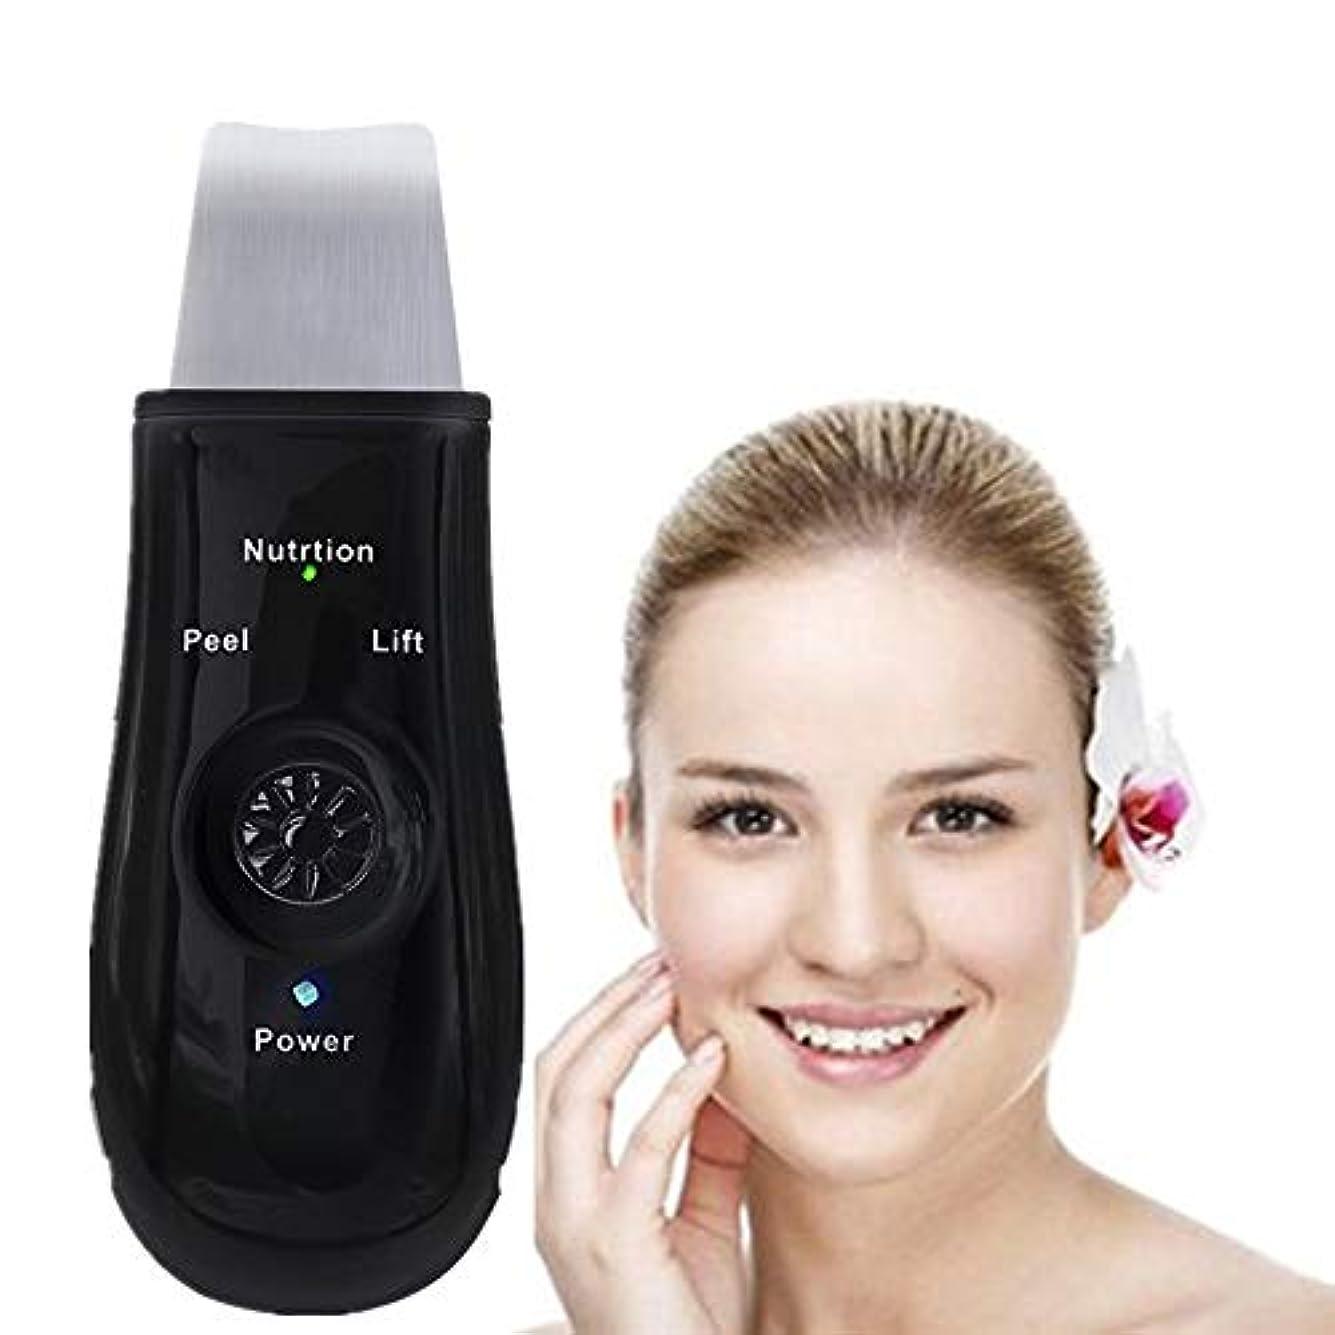 最後に何水差し充電式 - 黒の除去機のUSBピーリングリフティングEMSクレンジングエクスフォリエイティングスキンケアピーリングと顔の皮膚のスクラバーピール毛穴ツール装置ブラックヘッドリムーバー毛穴の掃除機